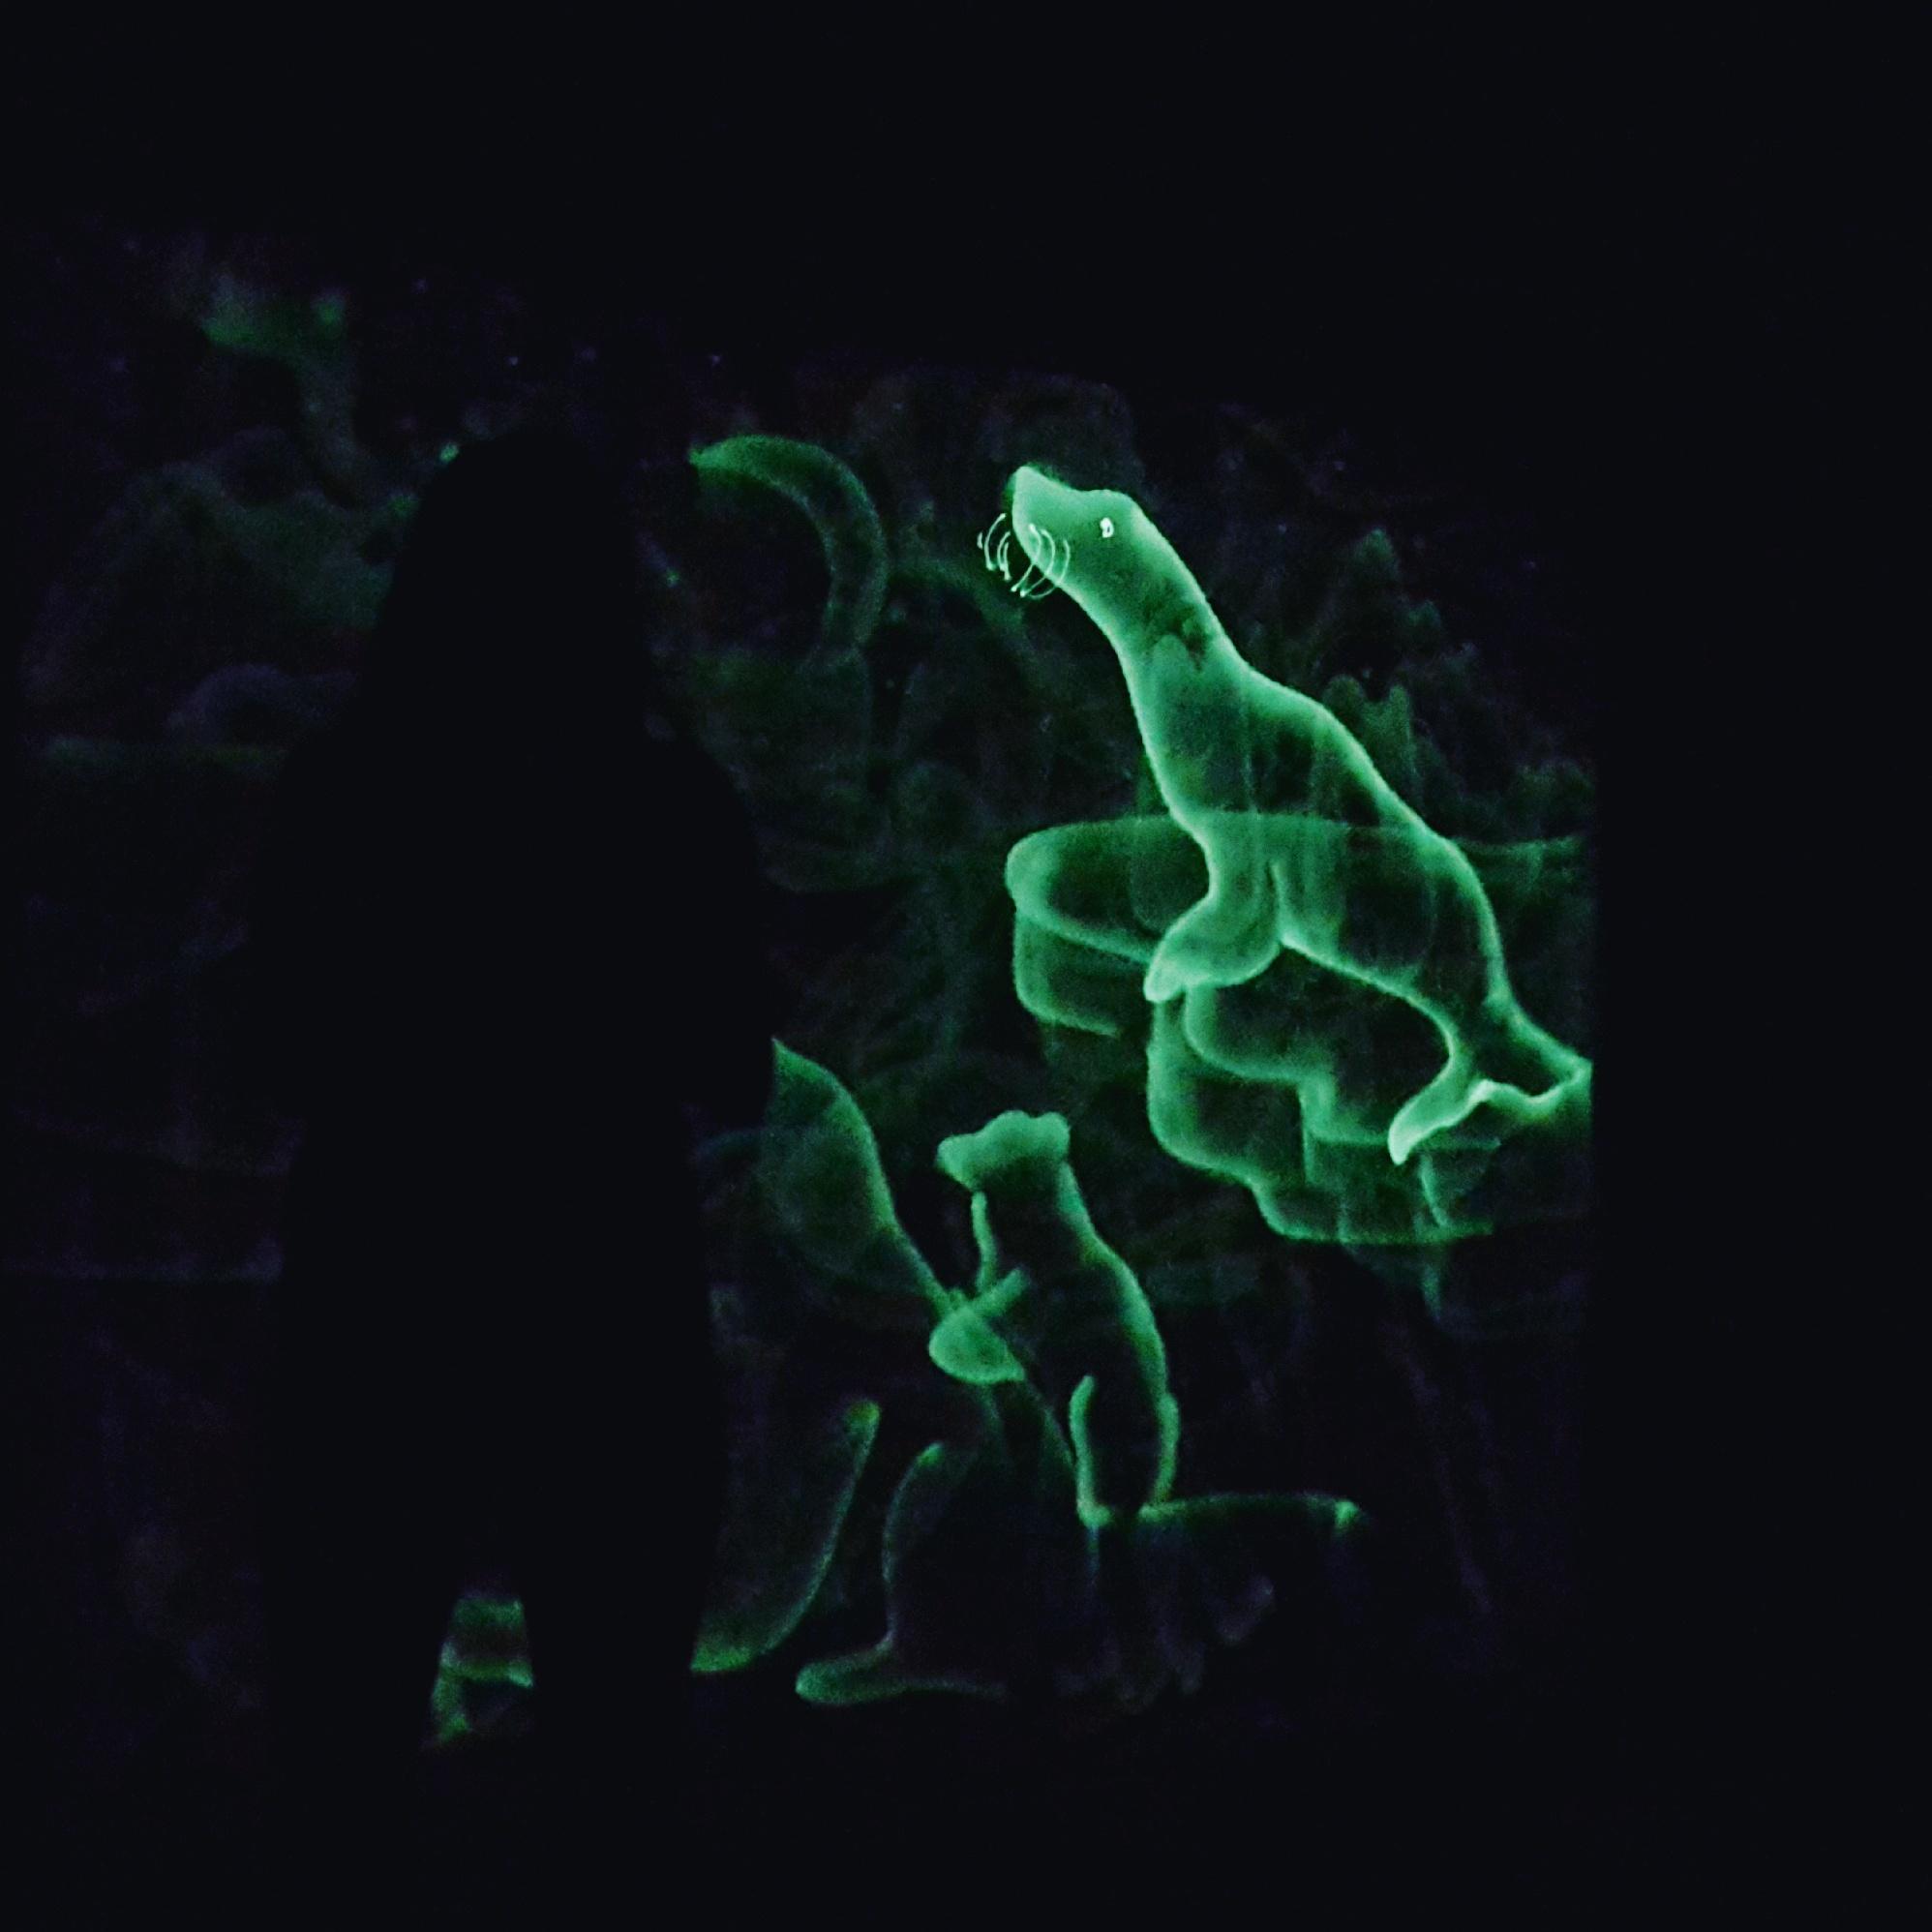 Шоу световых картин заказать в Туле, Калуге, Москве